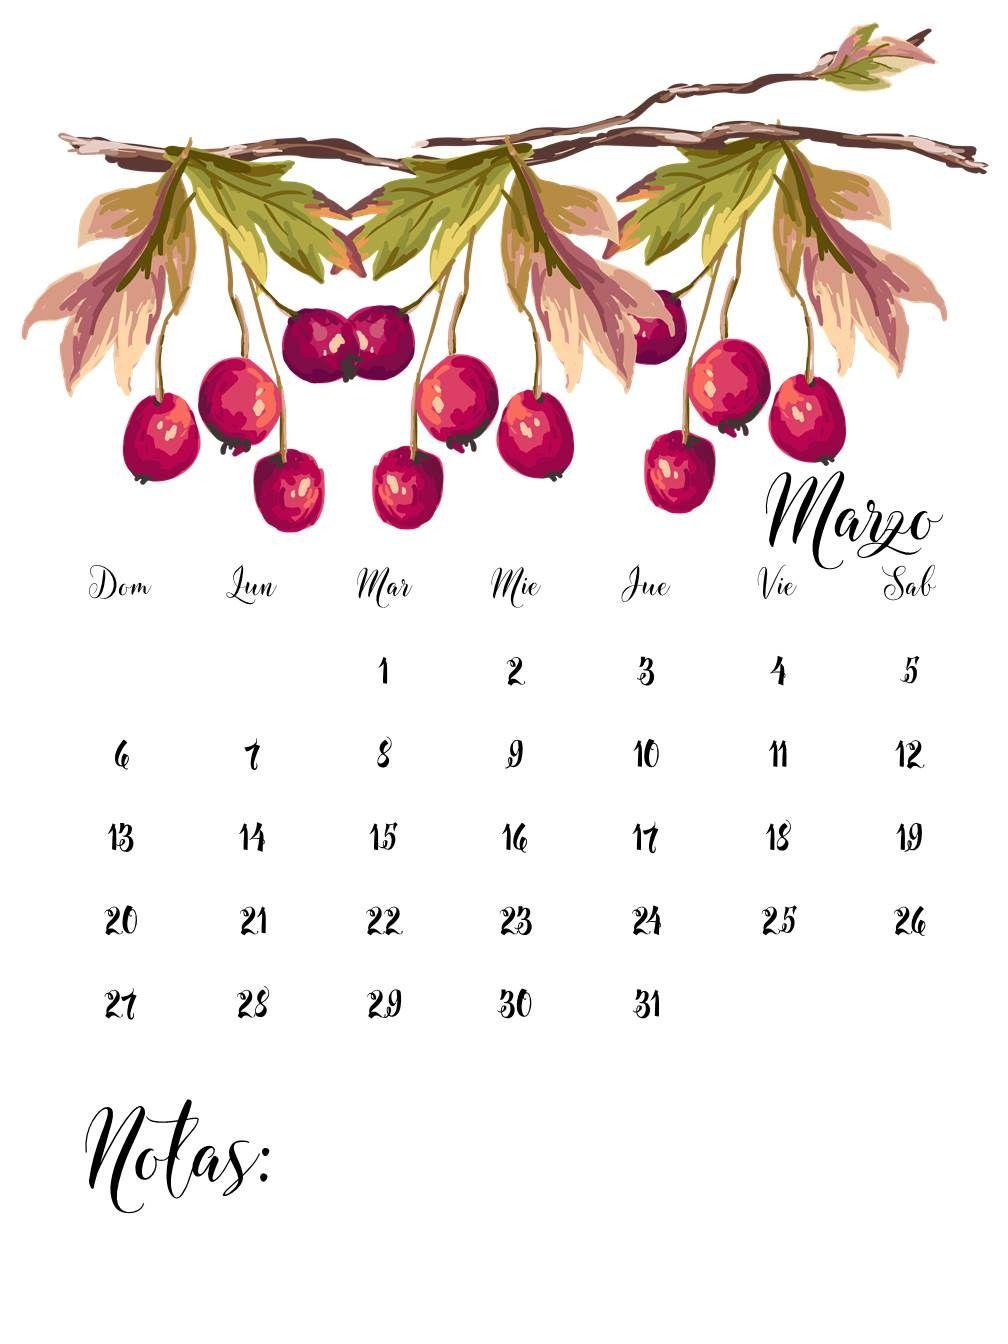 Calendarios Marzo 2016 para imprimir.                      THEBBT